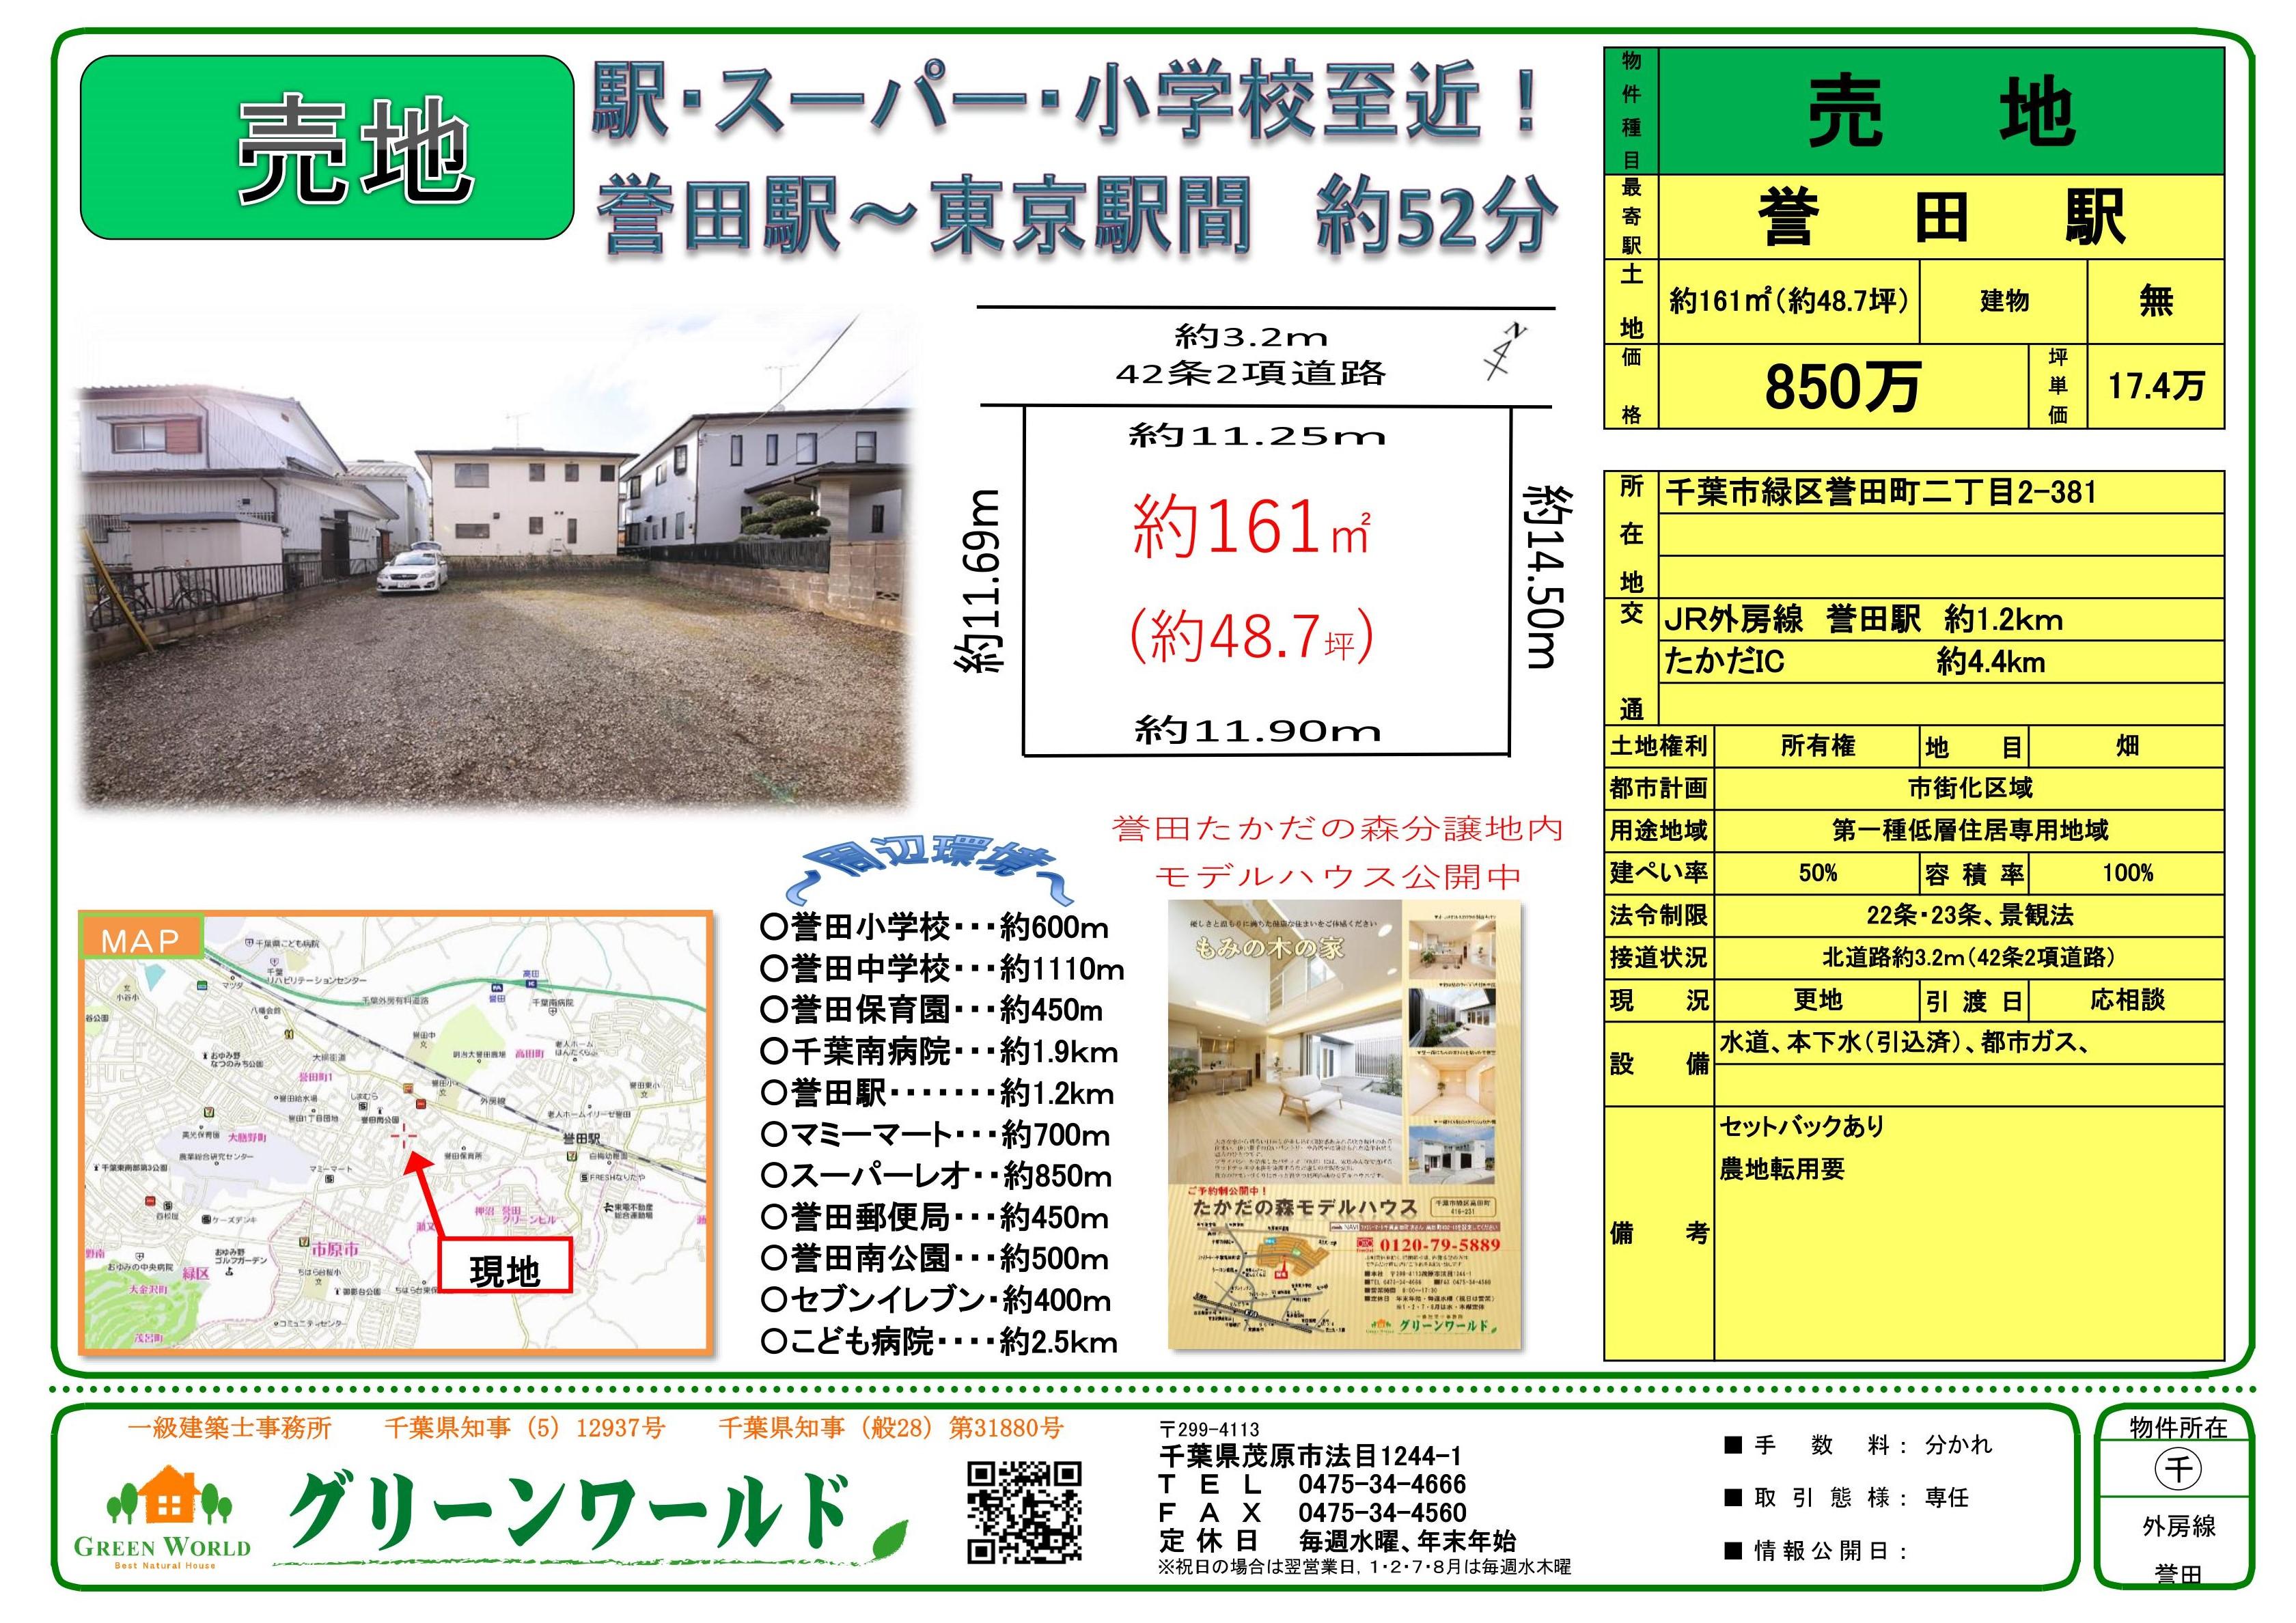 【売土地】緑区誉田町二丁目48.7坪